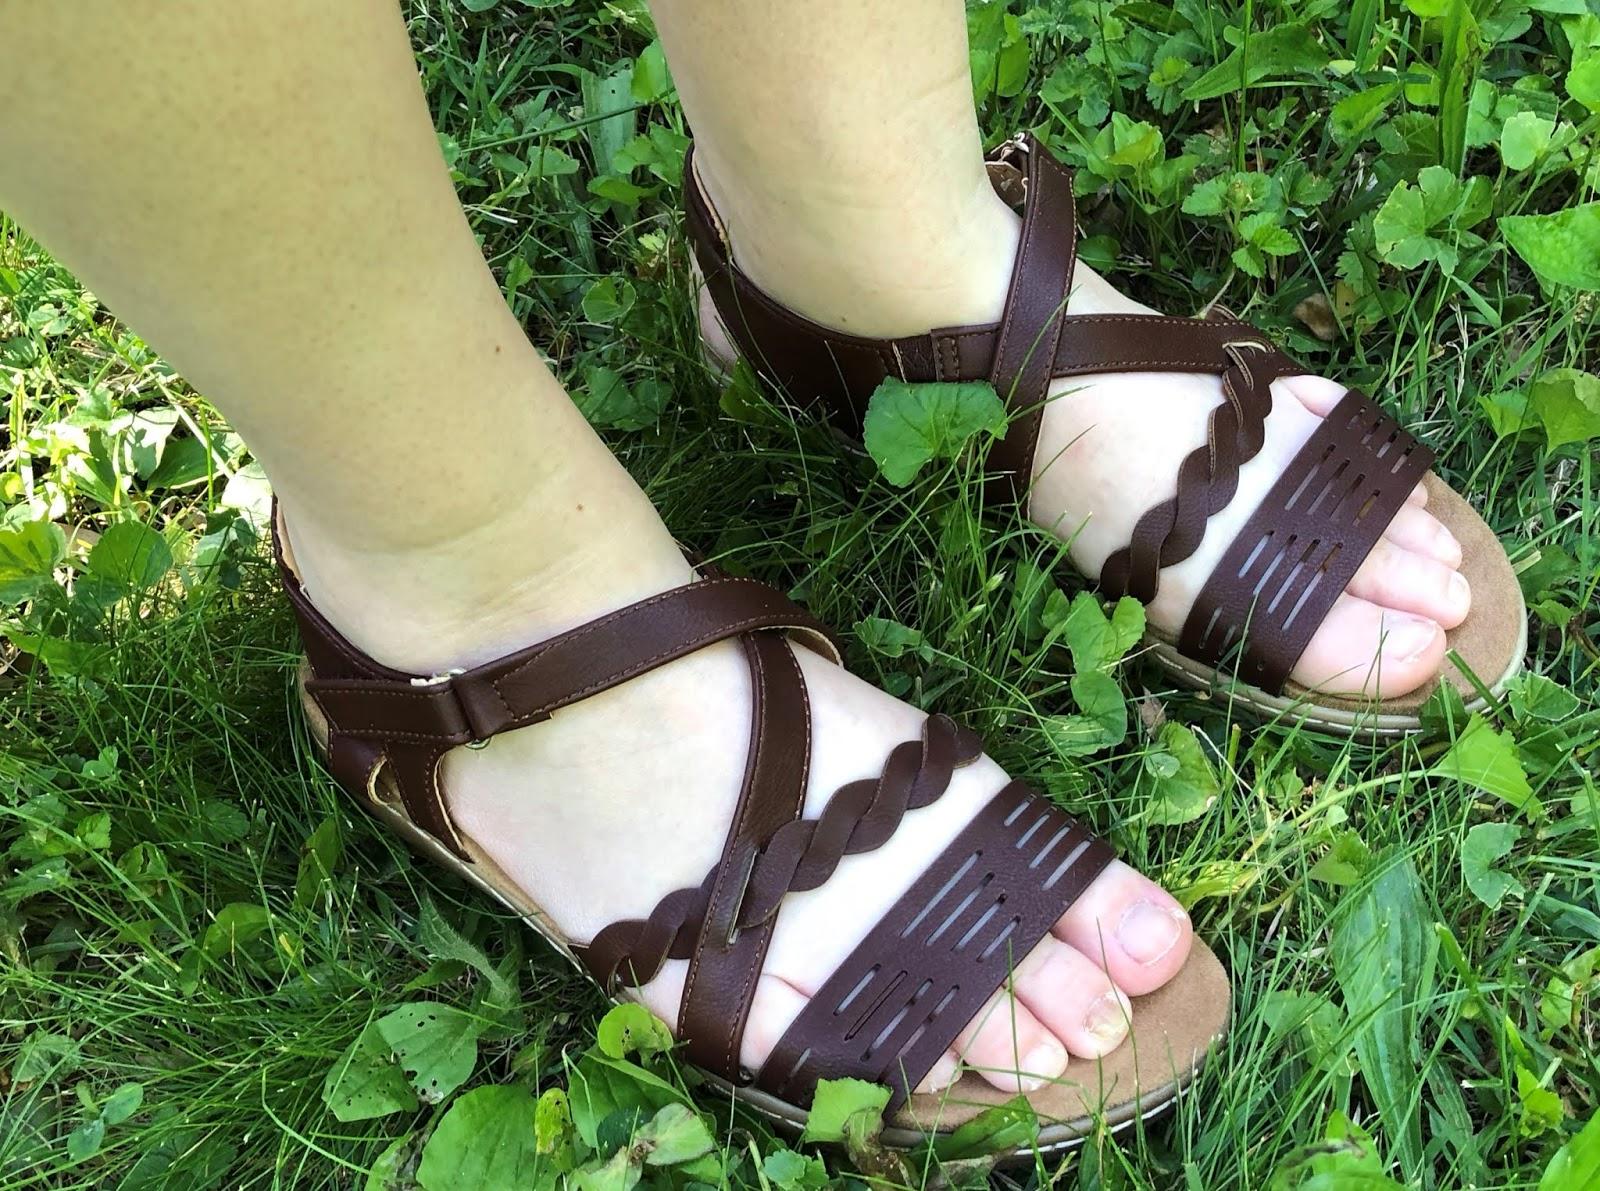 Stacy Talks Reviews Secret Celebrity And Soft Comfort Sandals For Summer